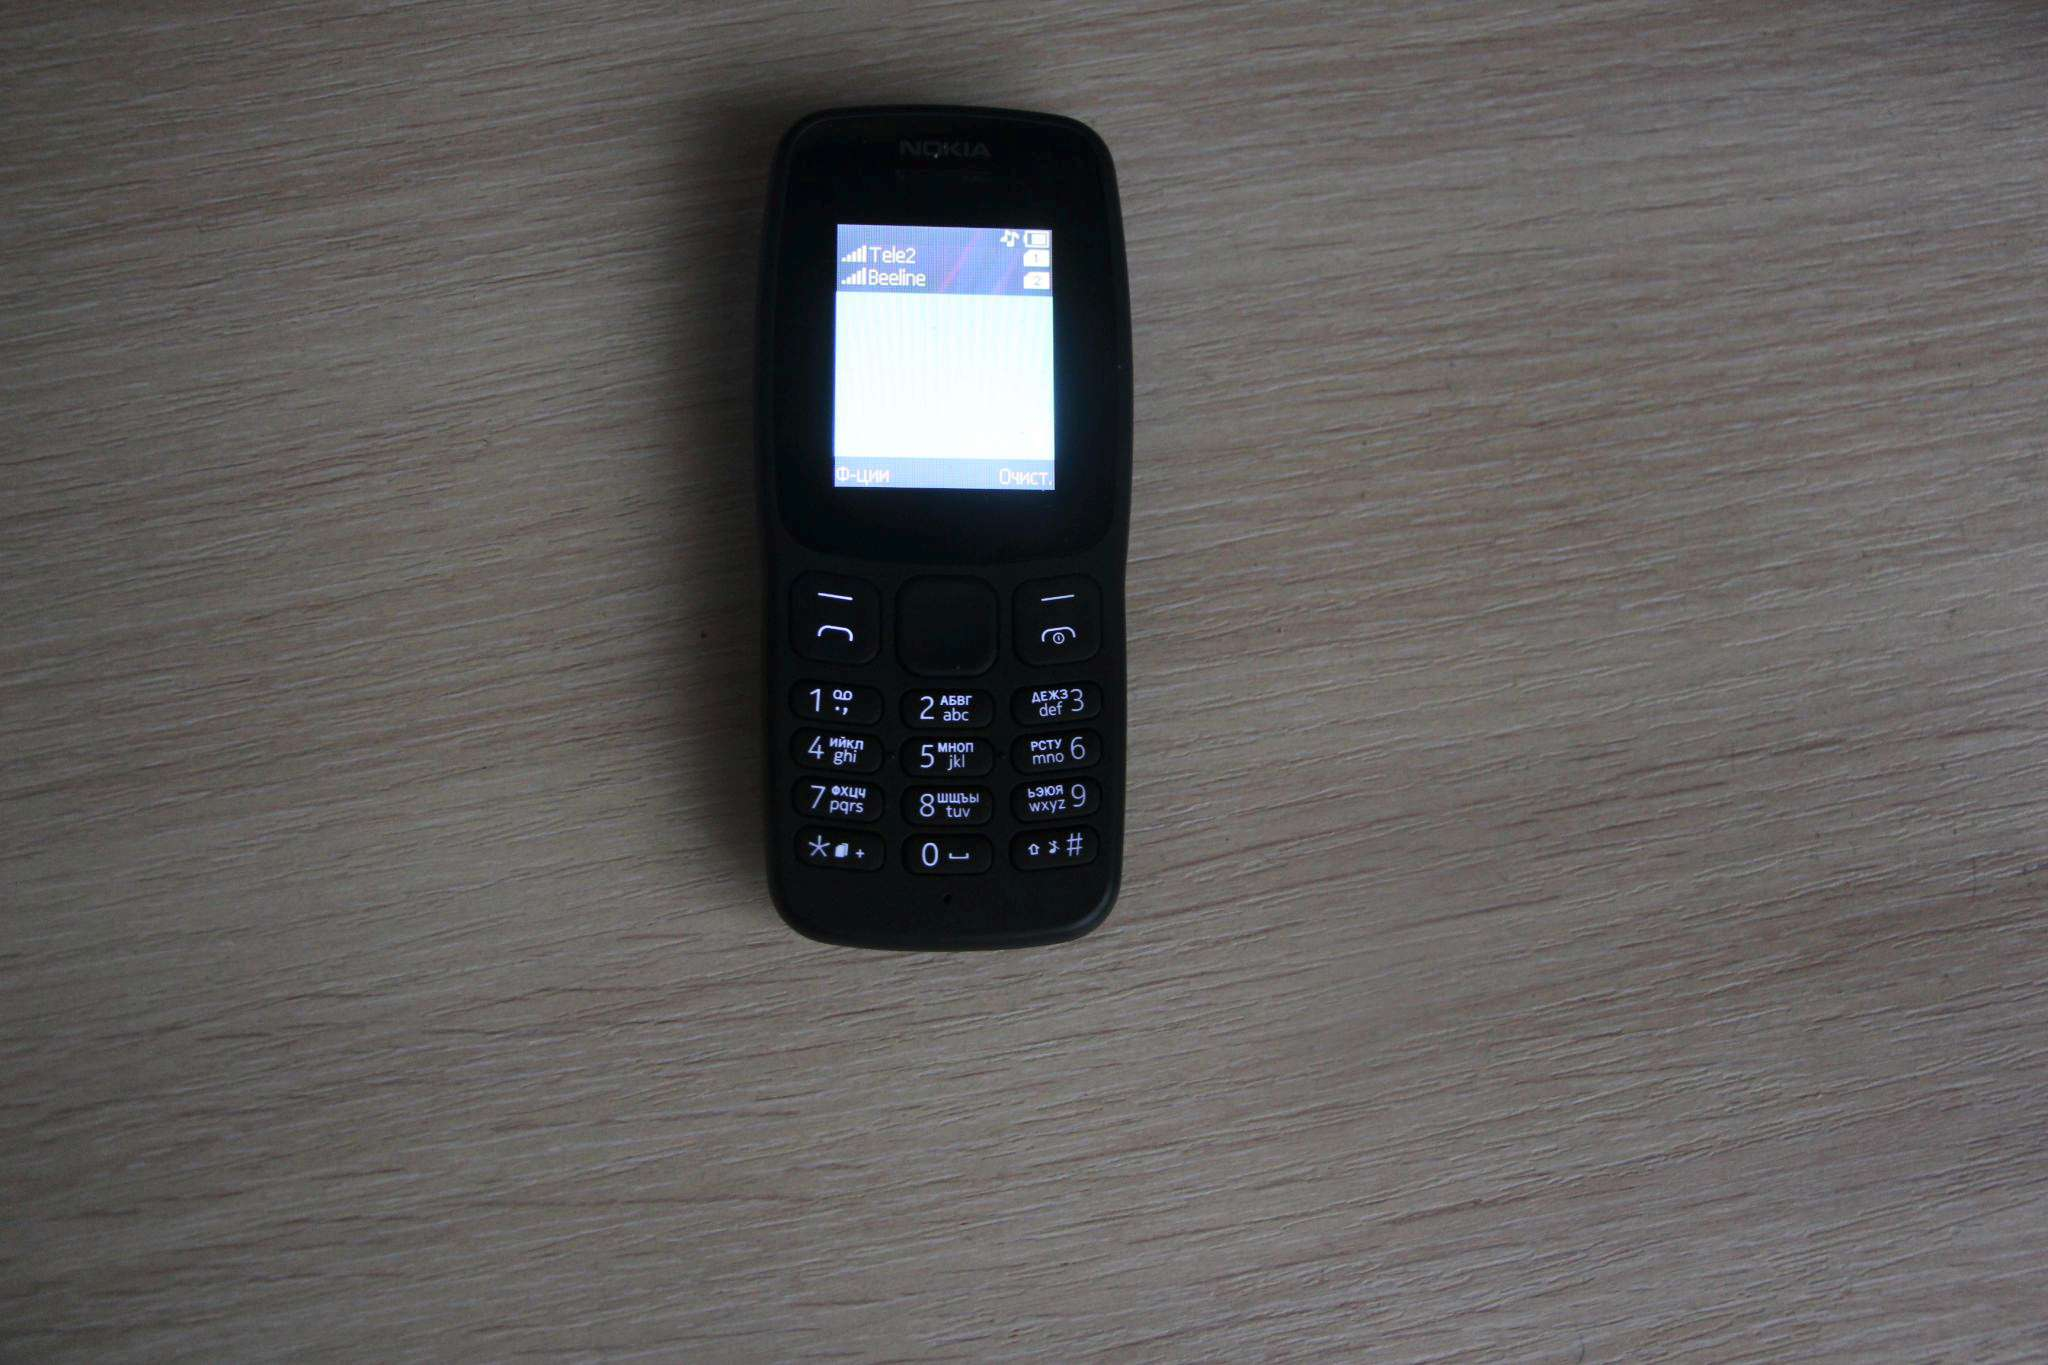 e4e1412a8ce Мобильный телефон Nokia 106 Dual sim (TA-1114) Grey — купить в ...